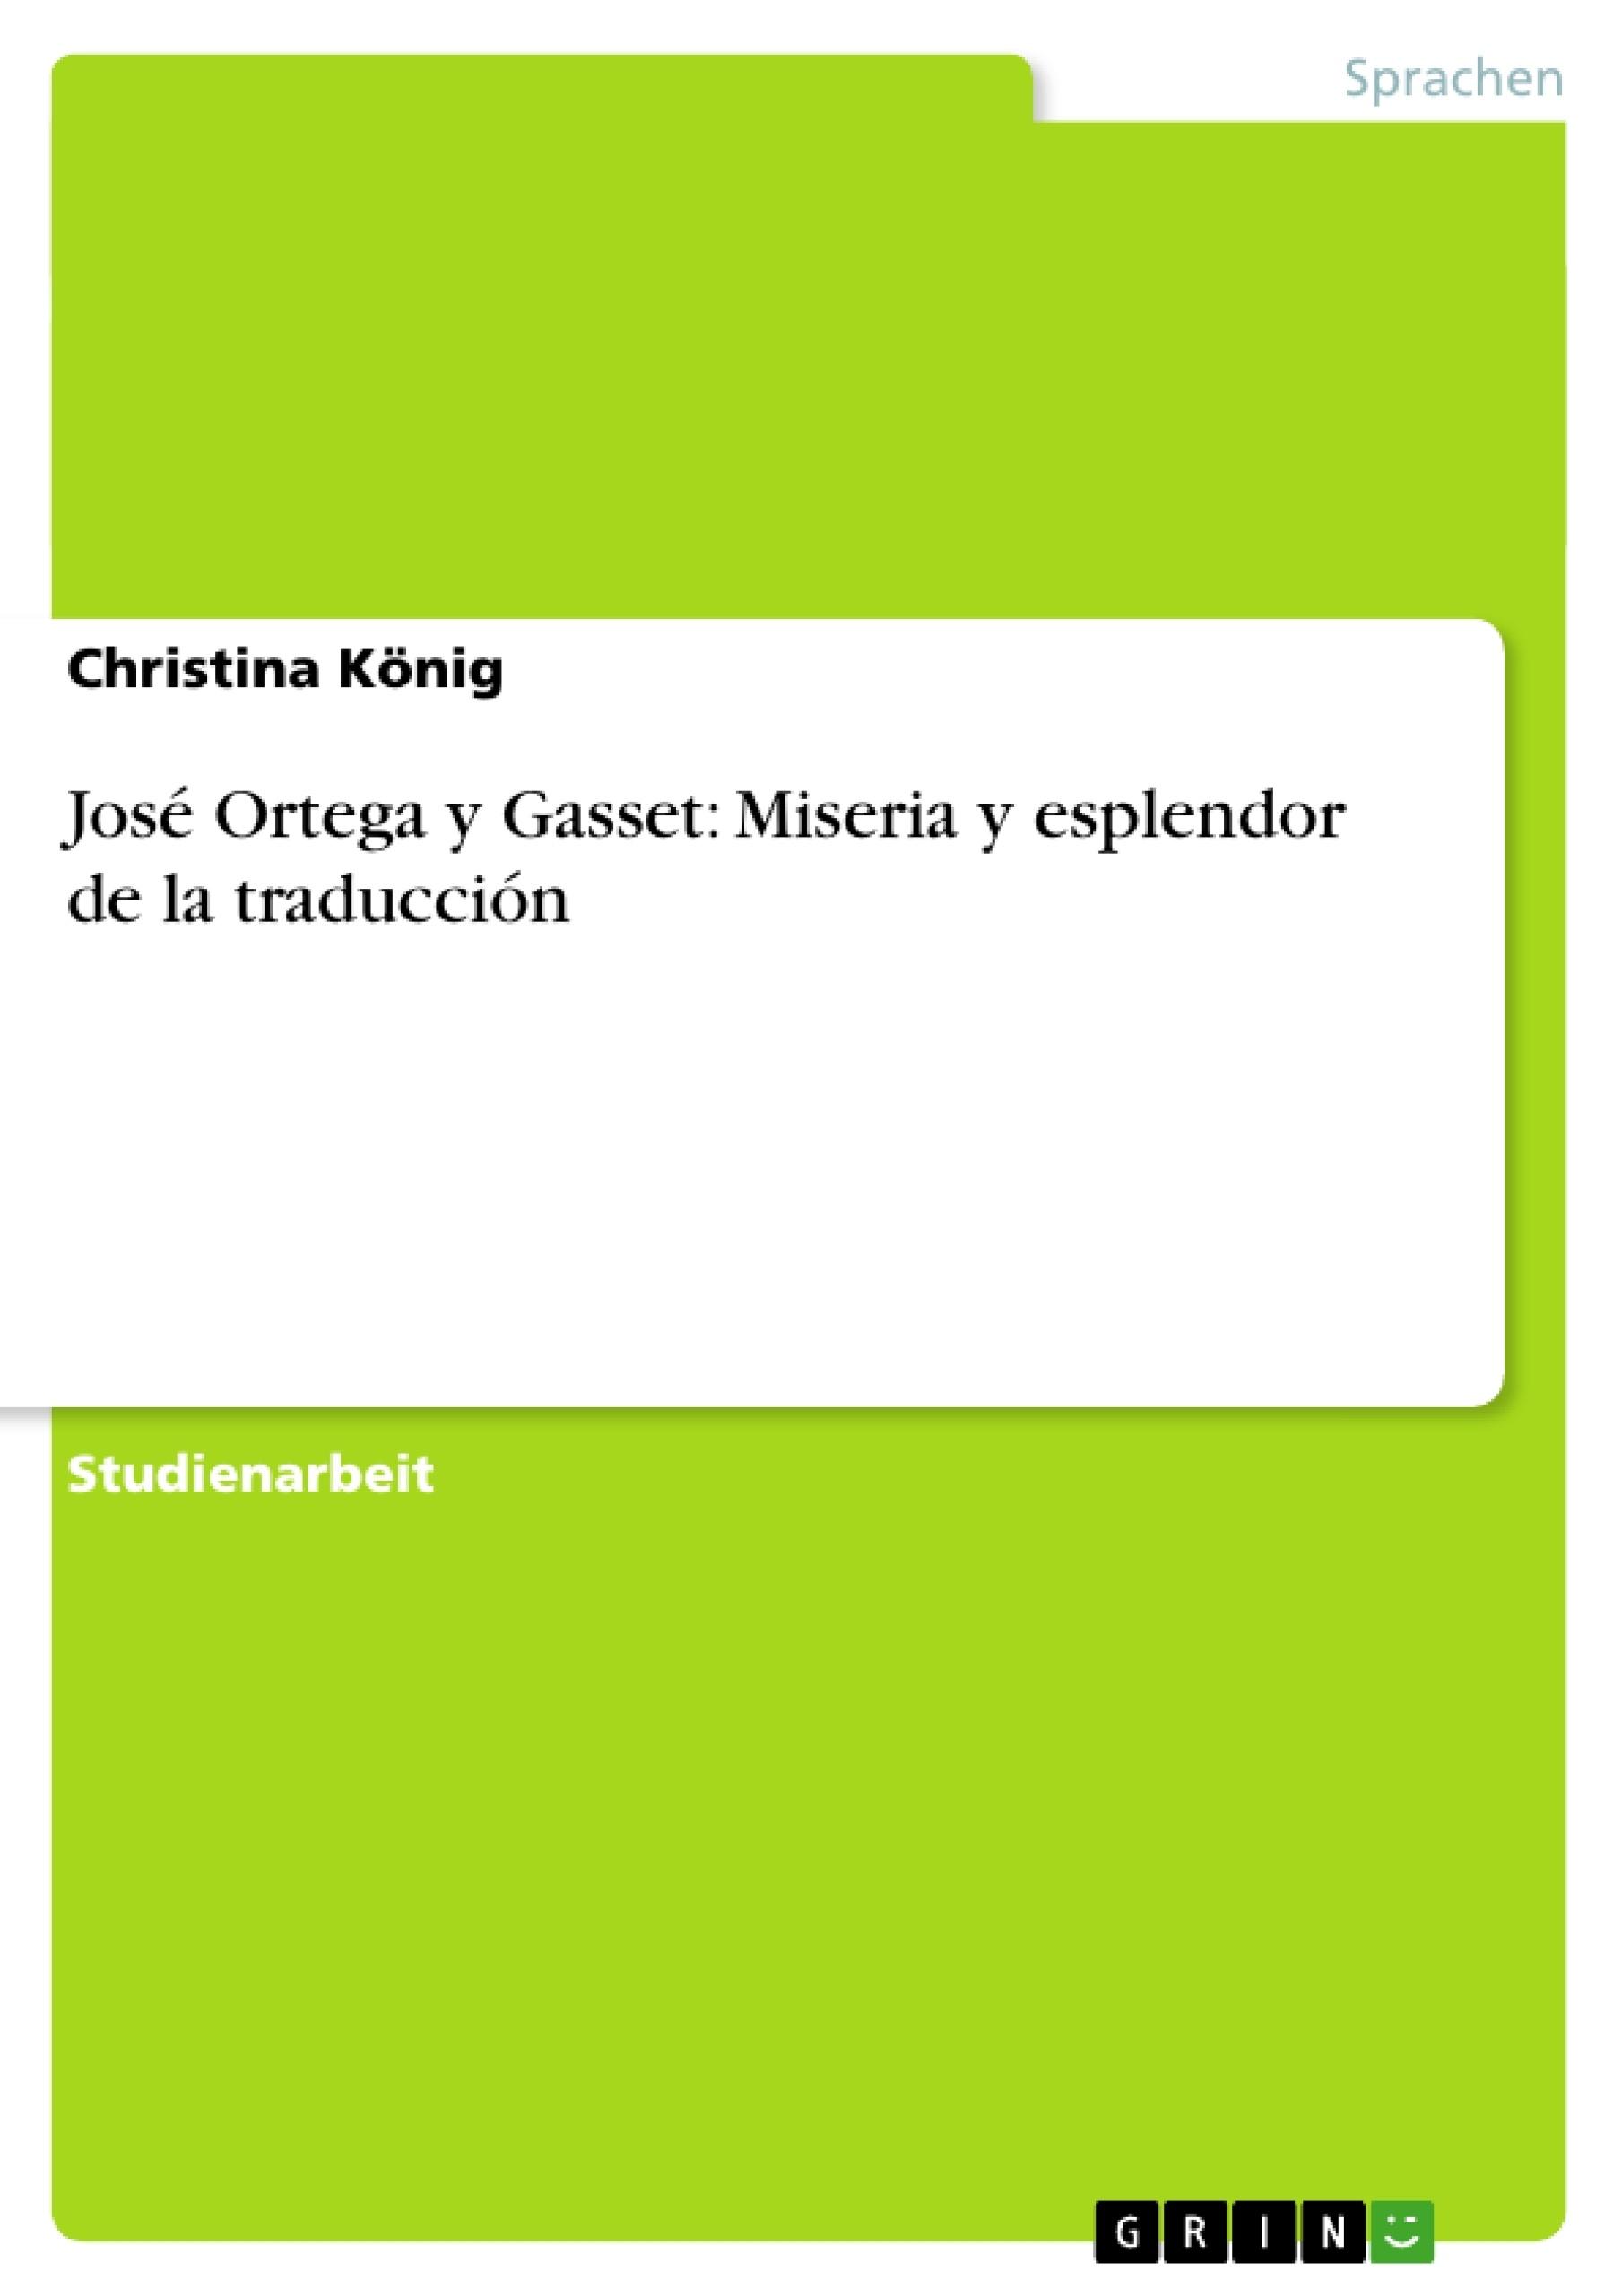 Titel: José Ortega y Gasset: Miseria y esplendor de la traducción